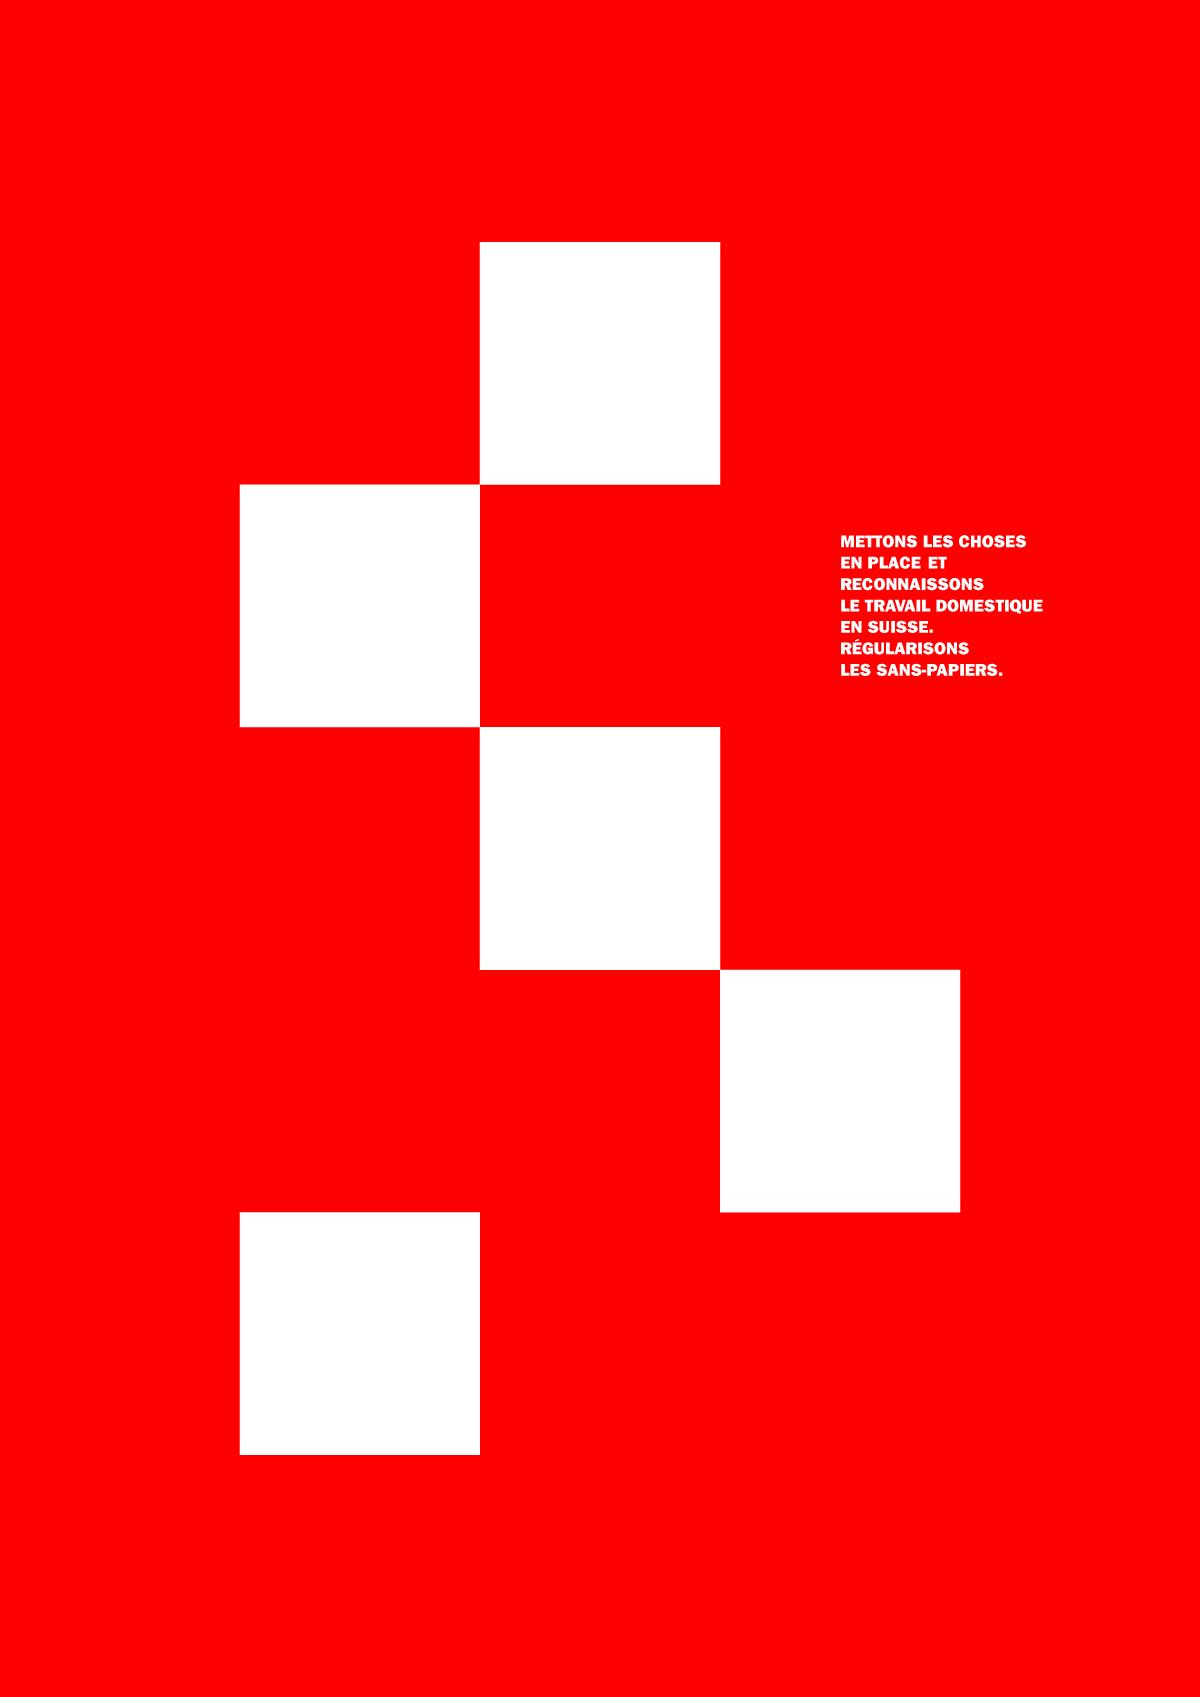 Affiche pour la régularisation des travailleurs domestiques sans papiers en Suisse (variante 2)